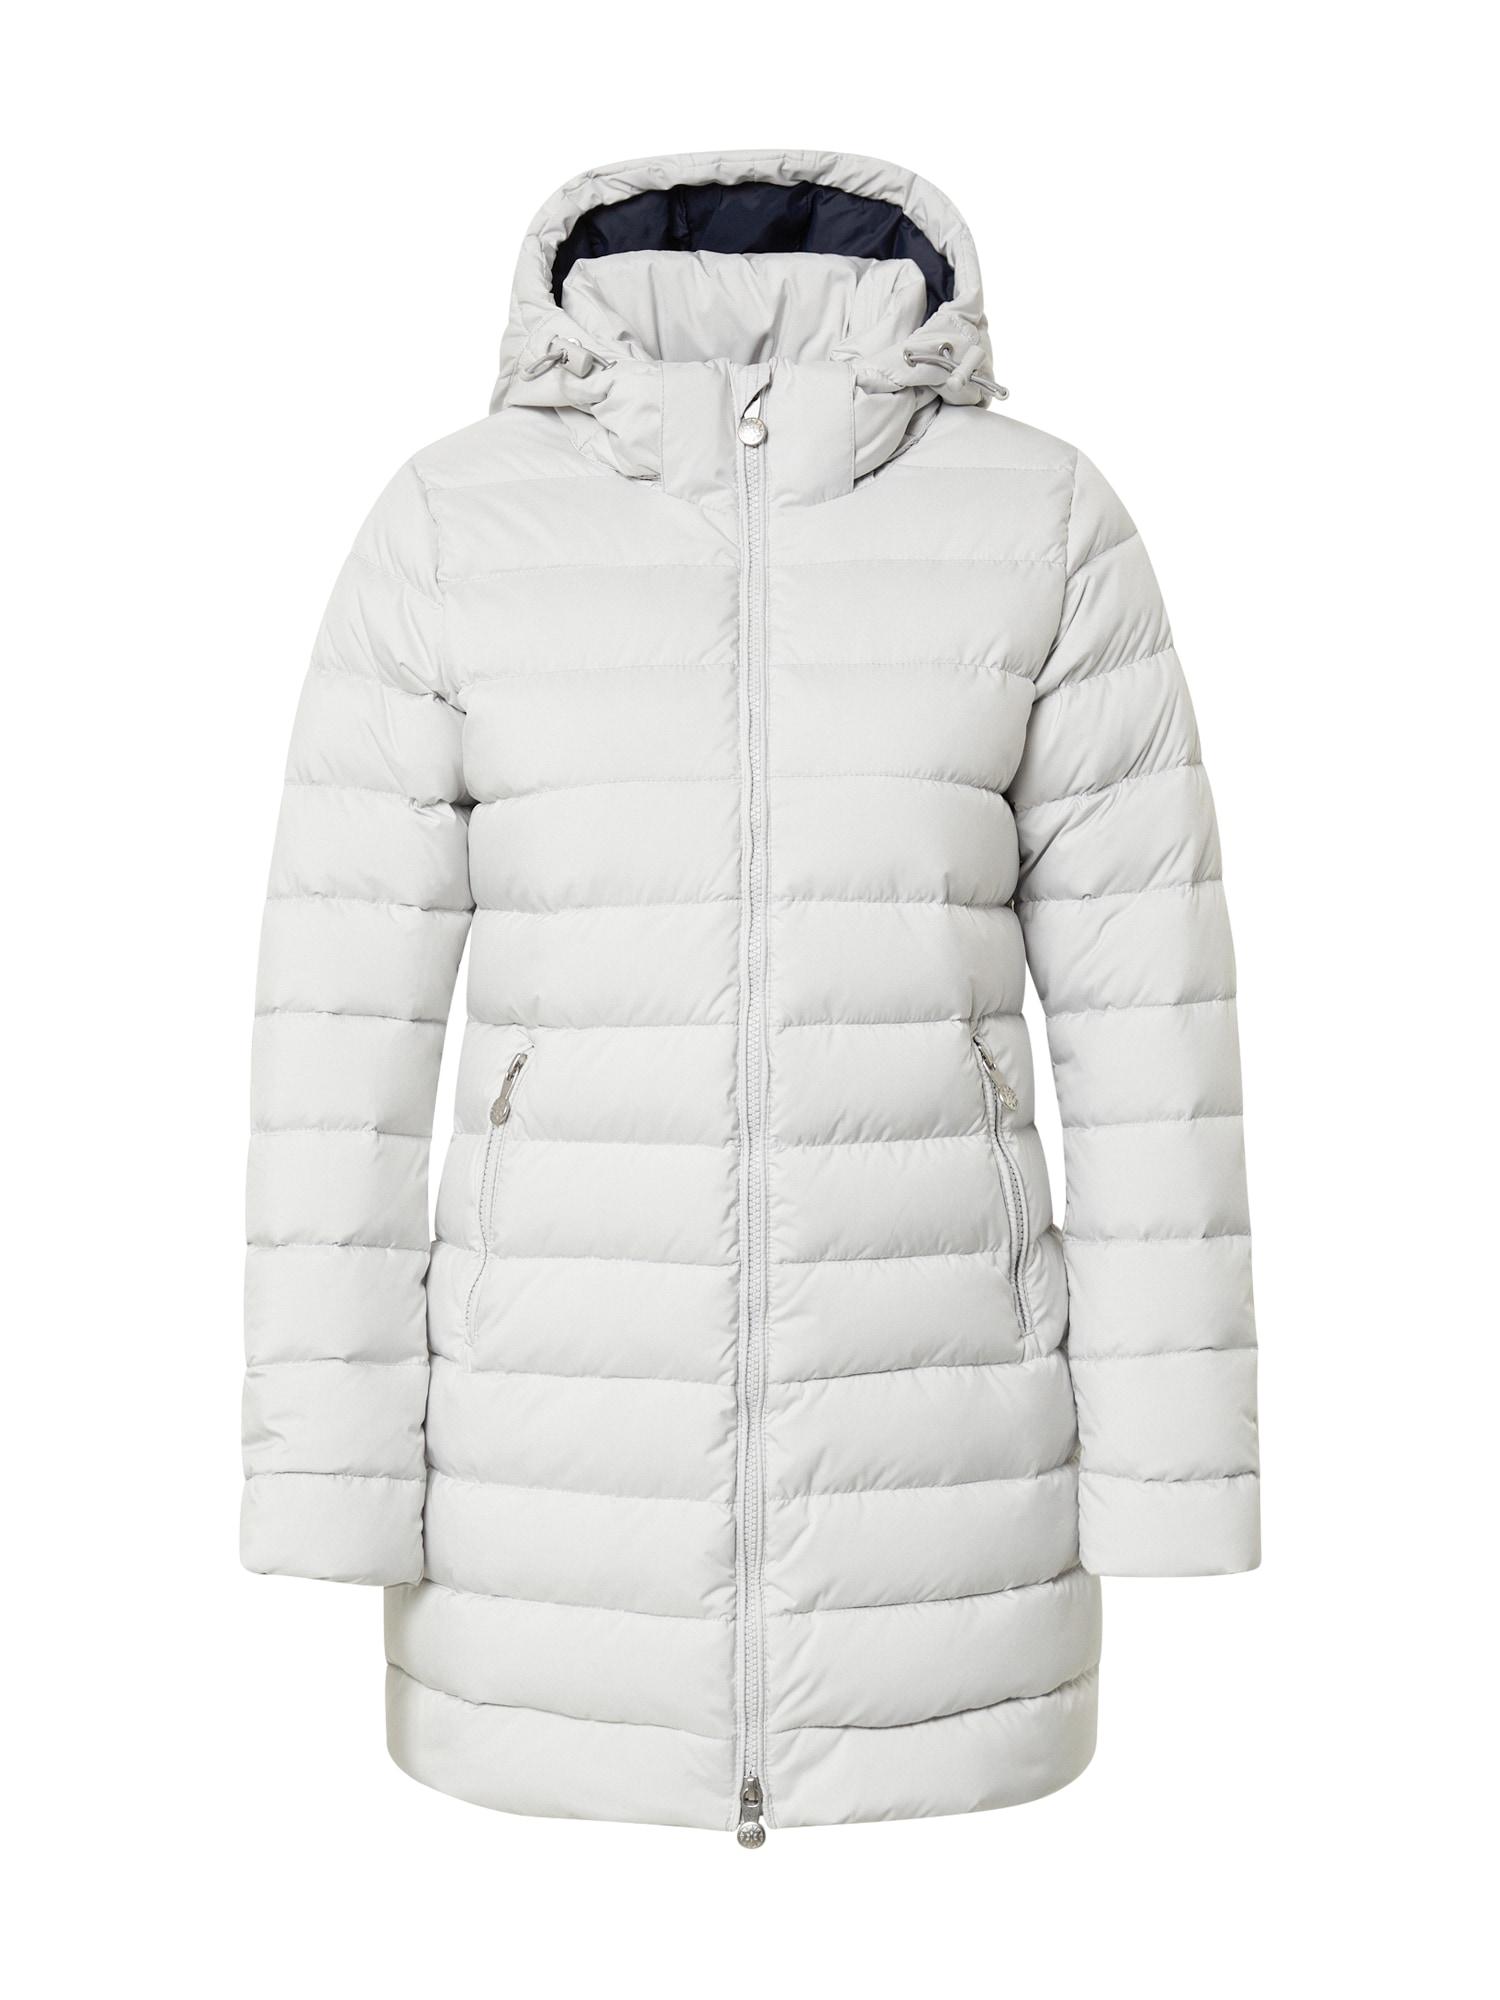 PYRENEX Žieminė striukė 'SPOUTNIC' šviesiai pilka